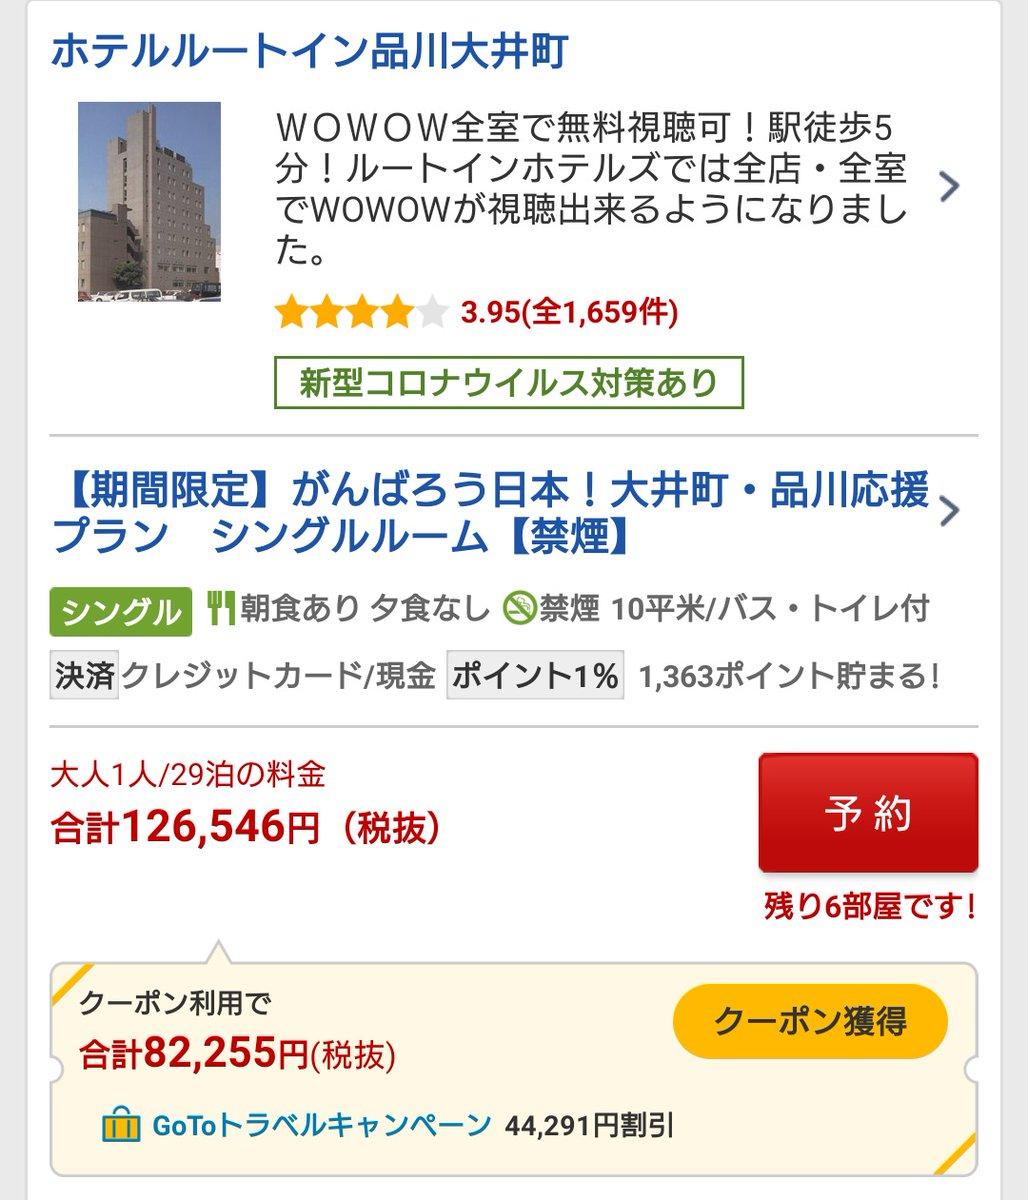 11月から東京で暮らすんですが、マンションに引っ越すよりもGoTo対象のホテルで暮らす方が家賃+光熱費+ネット合わせても安いことに気づいて泣いちゃった。